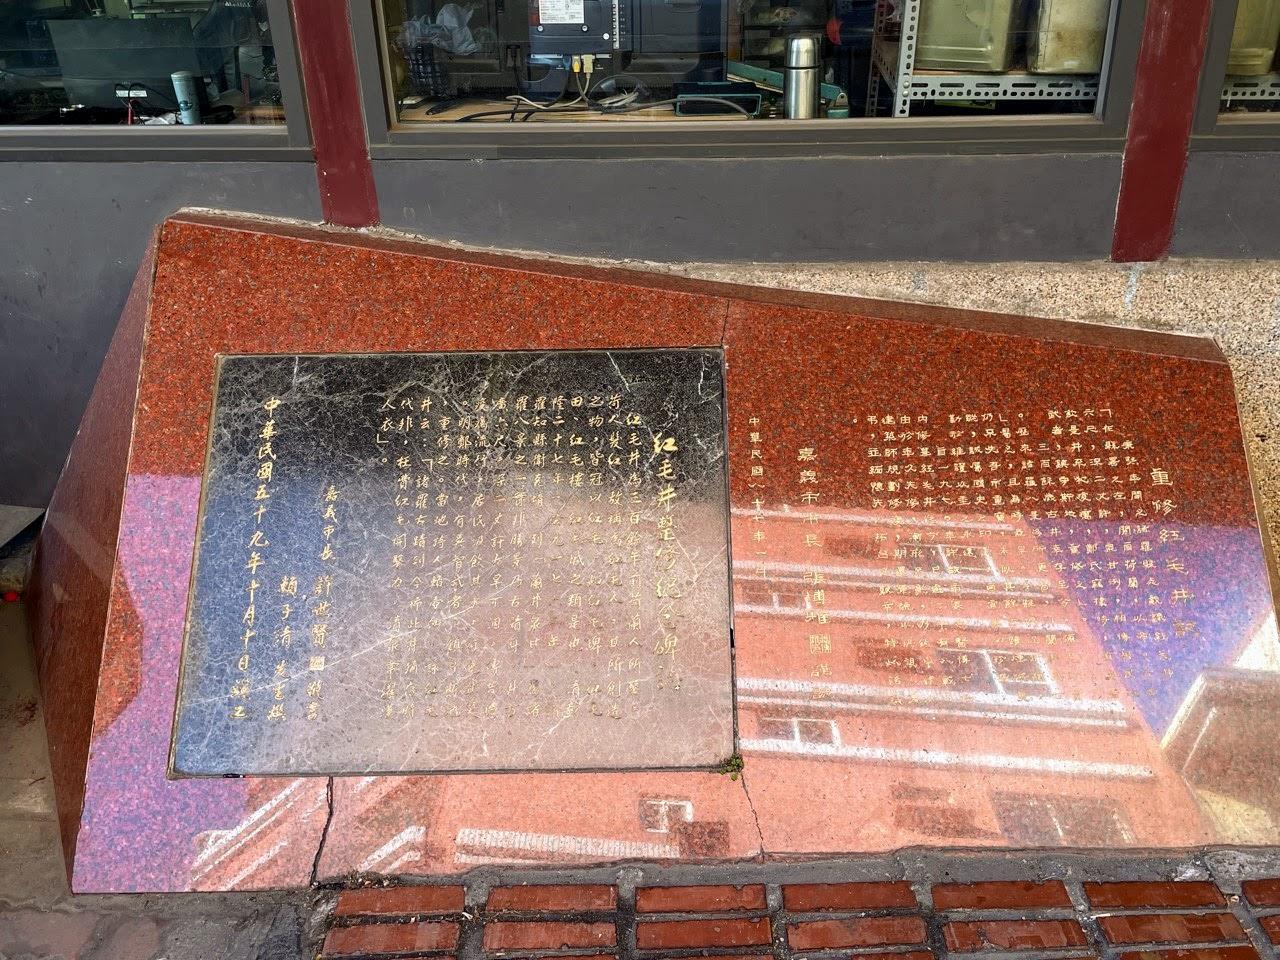 東市場半日遊 / 嘉義智選假日酒店的專業導覽讓你一覽嘉義古城的歷史與人文 / 東市場必吃攤販推薦 / 嘉義東區